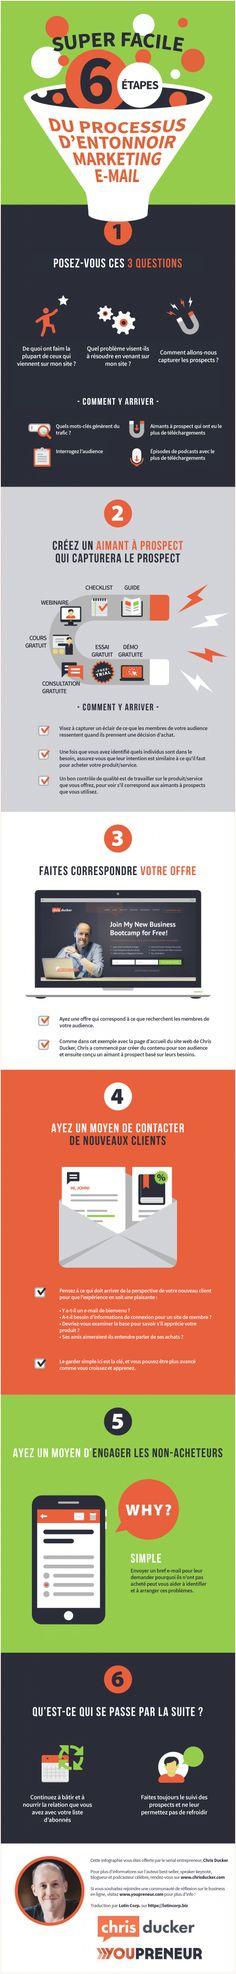 6 Étapes simples à l'entonnoir d'e-mail marketing [infographie] | Lotin Corp. Portfolio